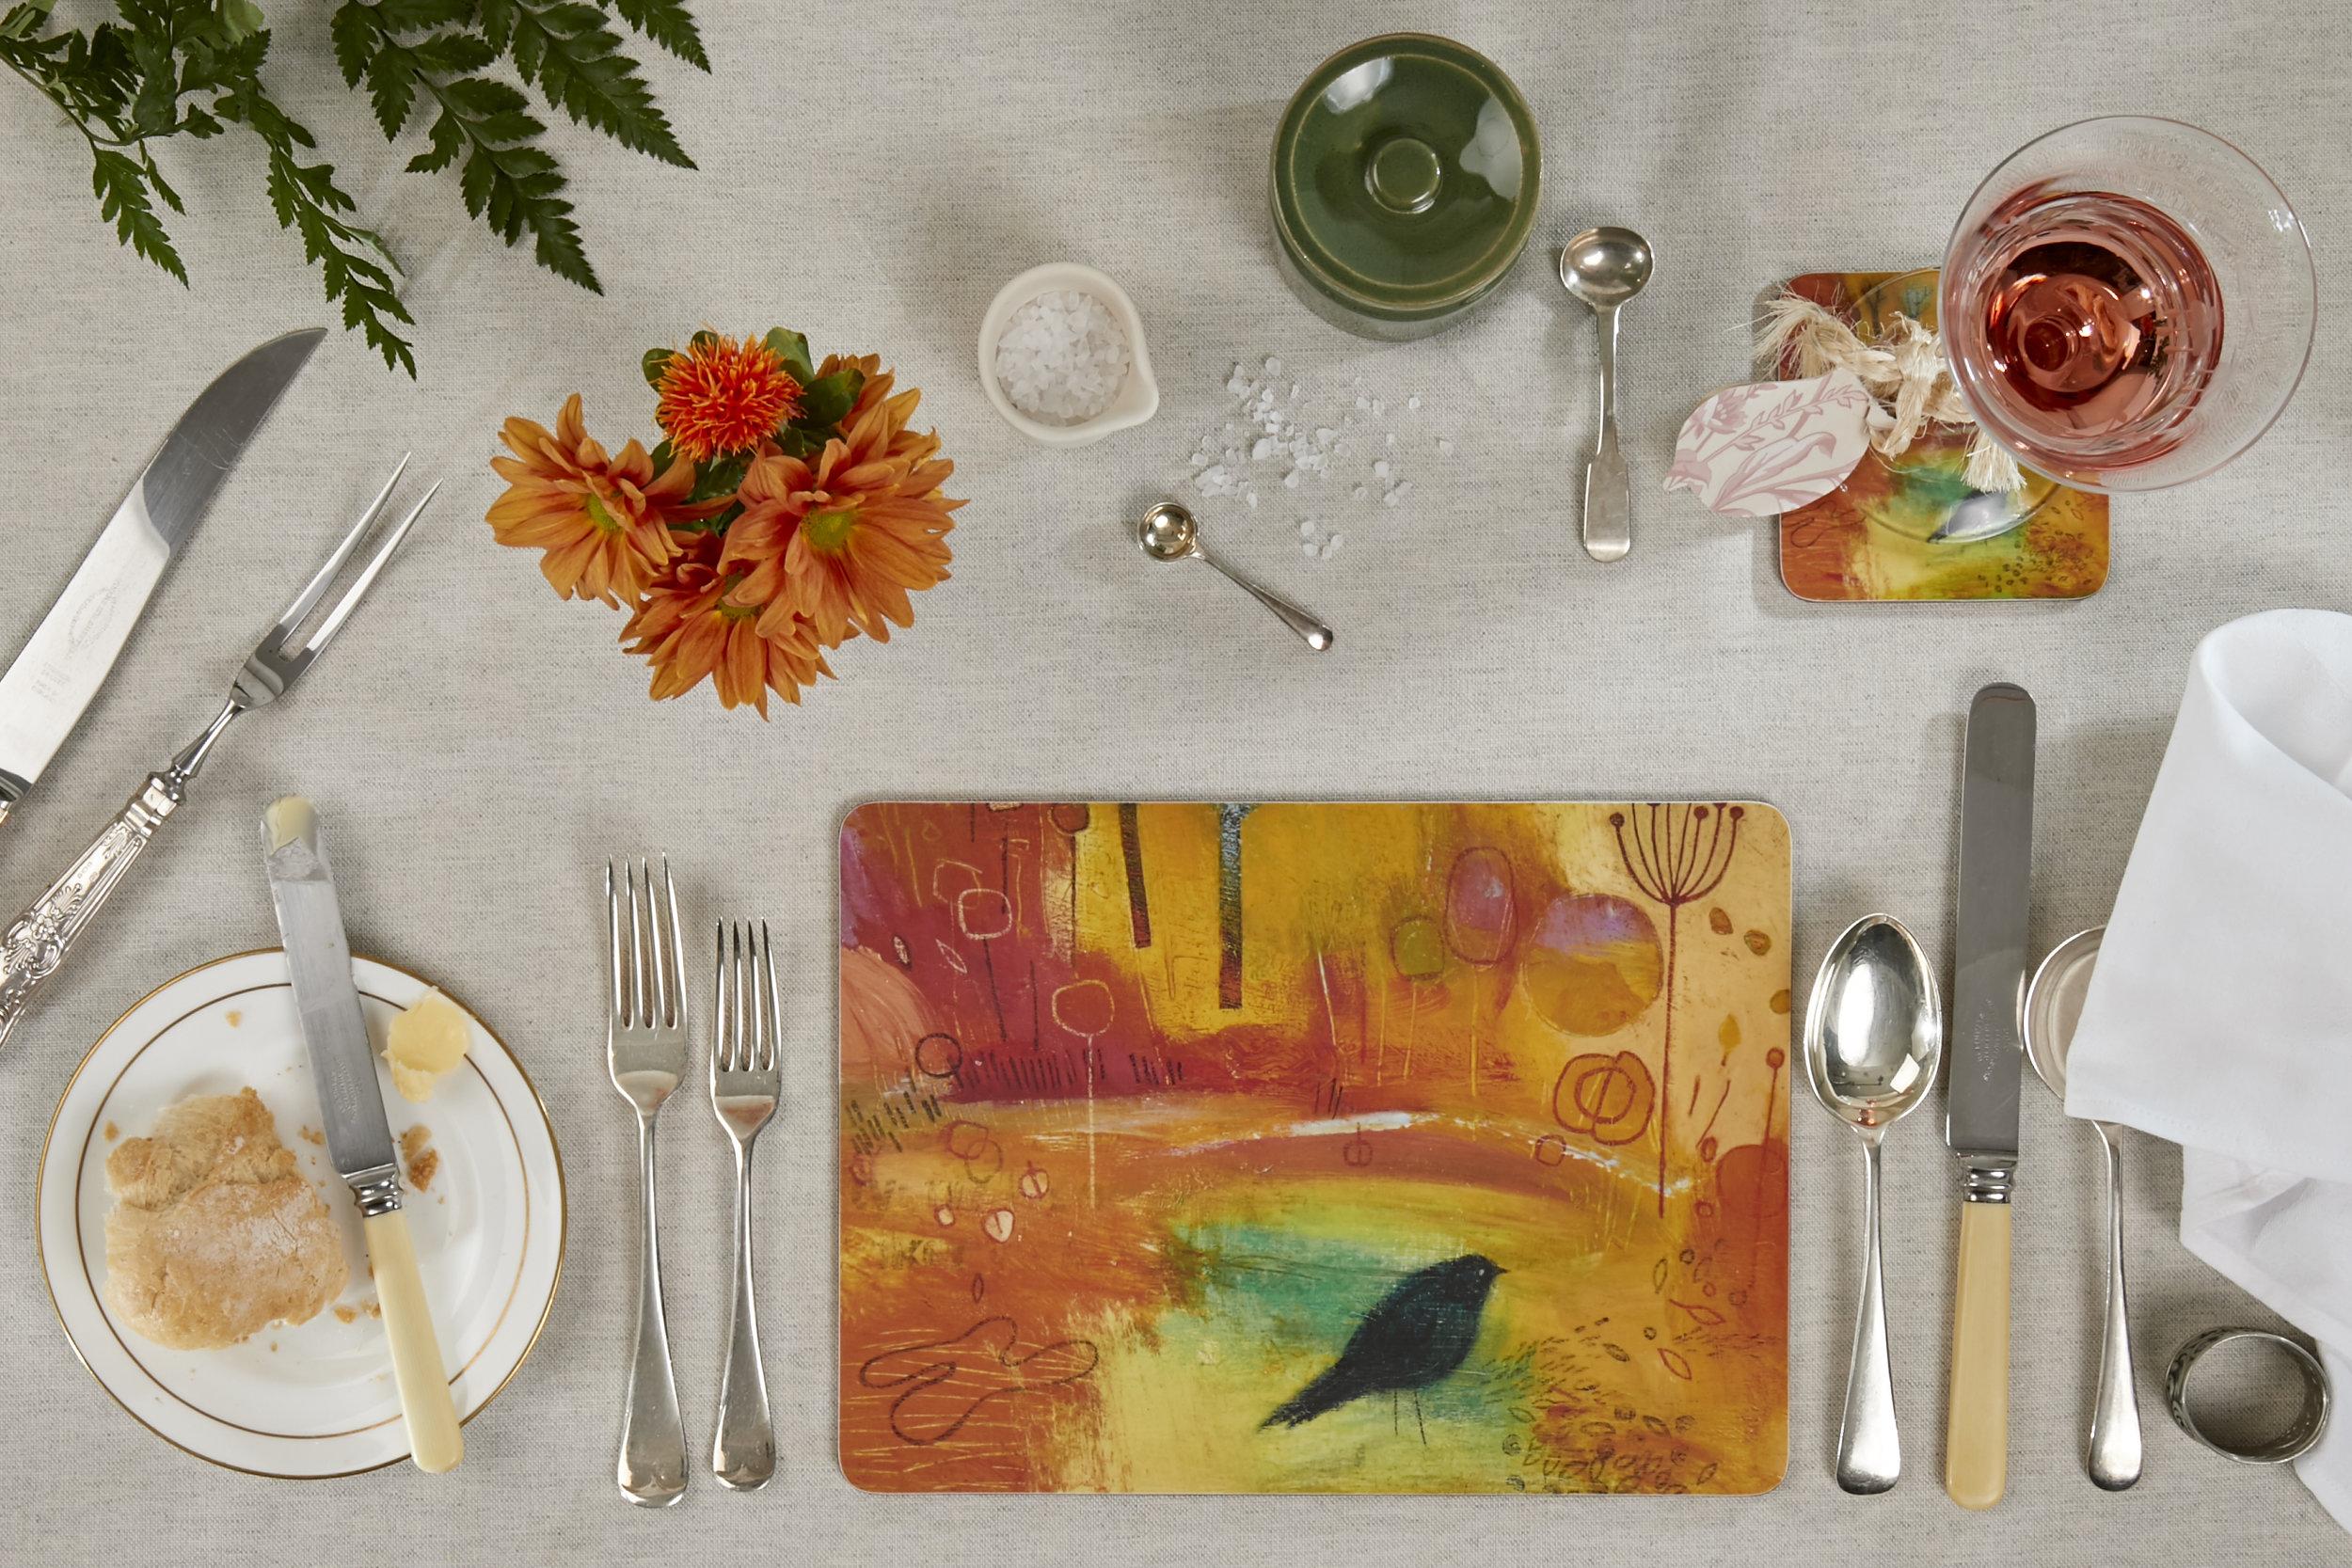 TABLE MATS - SET OF 4 - JUST ONE BLACKBIRD